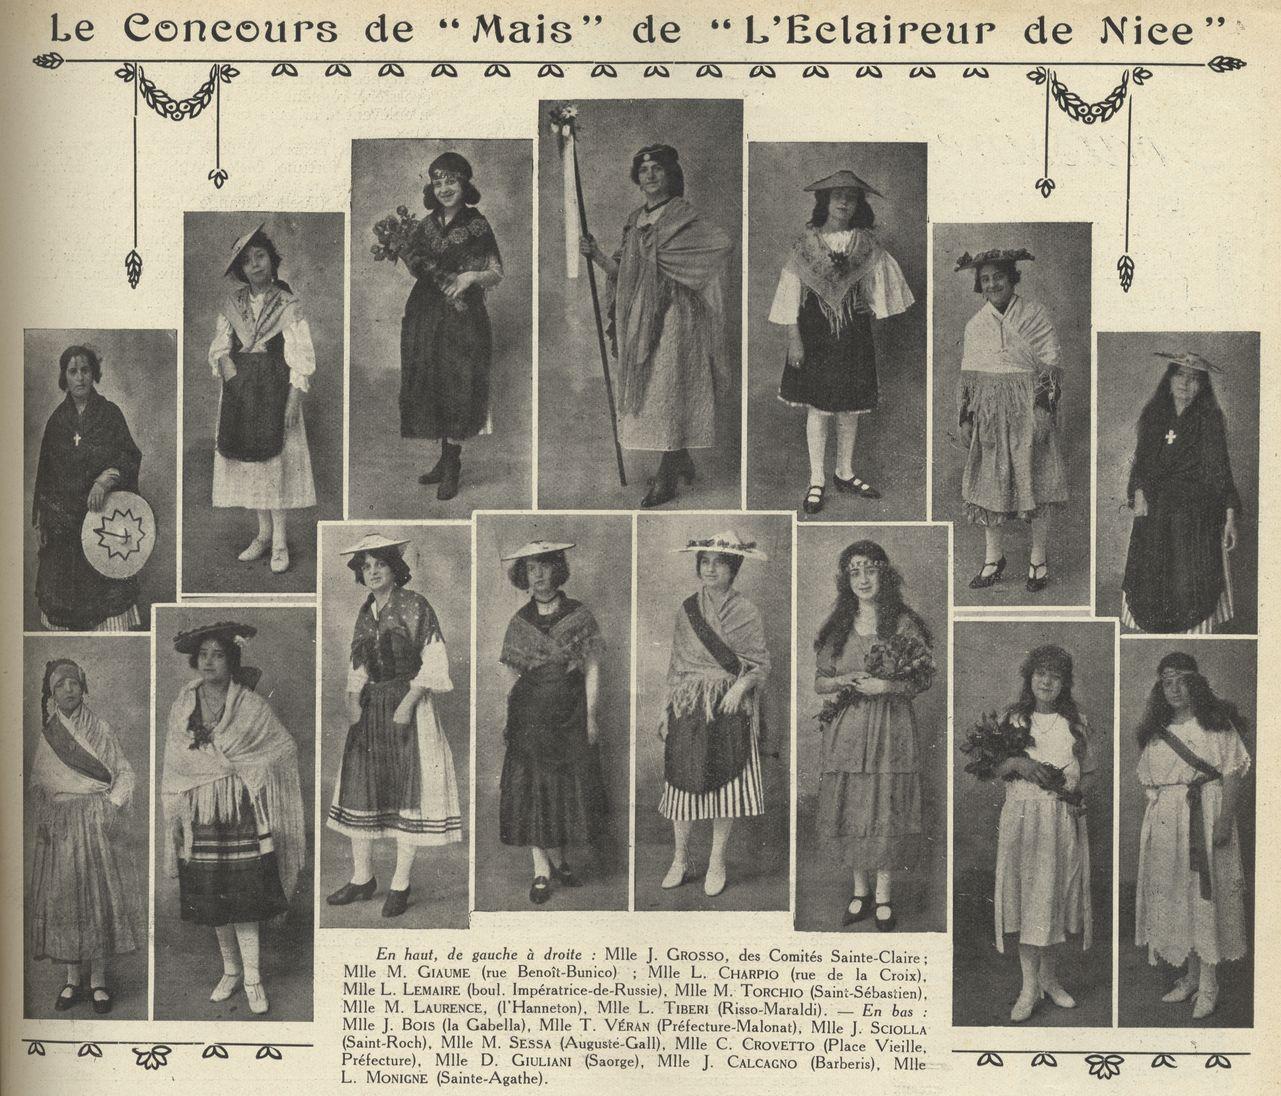 Les candidates au concours 1922 de l'Eclaireur de Nice, en blanc ou en costume niçois (Eclaireur du Dimanche)